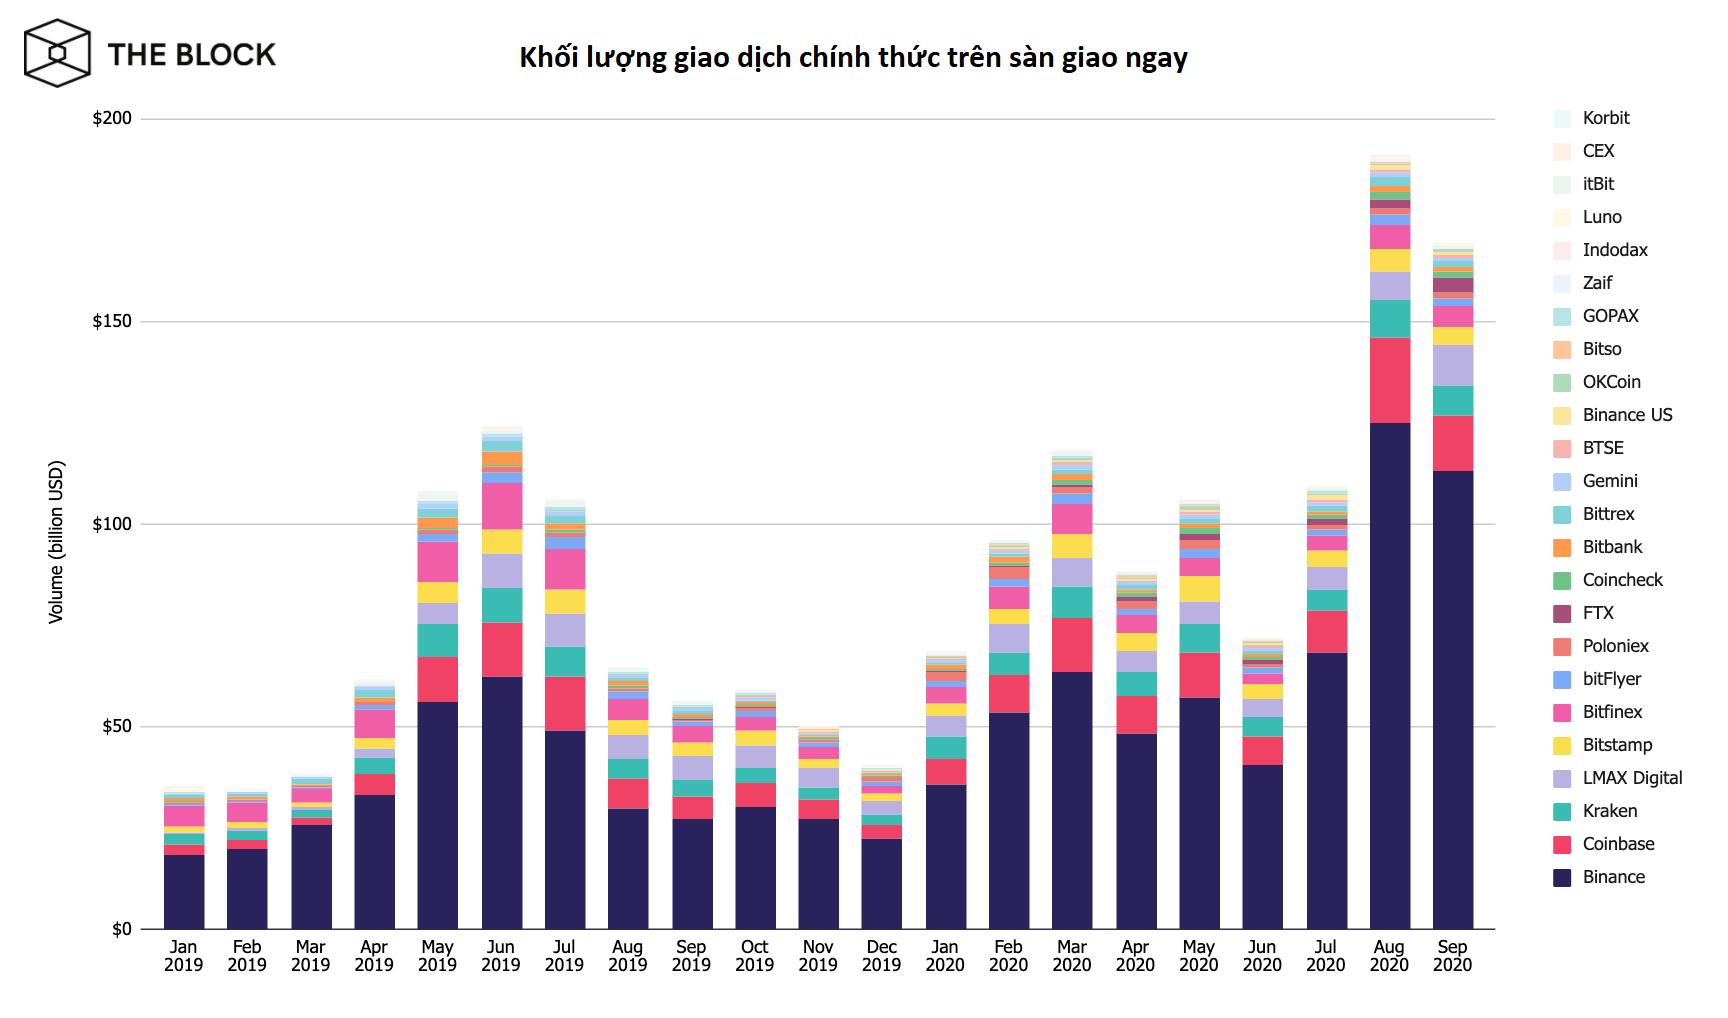 Báo cáo khối lượng giao dịch trên các sàn trong tháng 9 (nguồn: the Block)